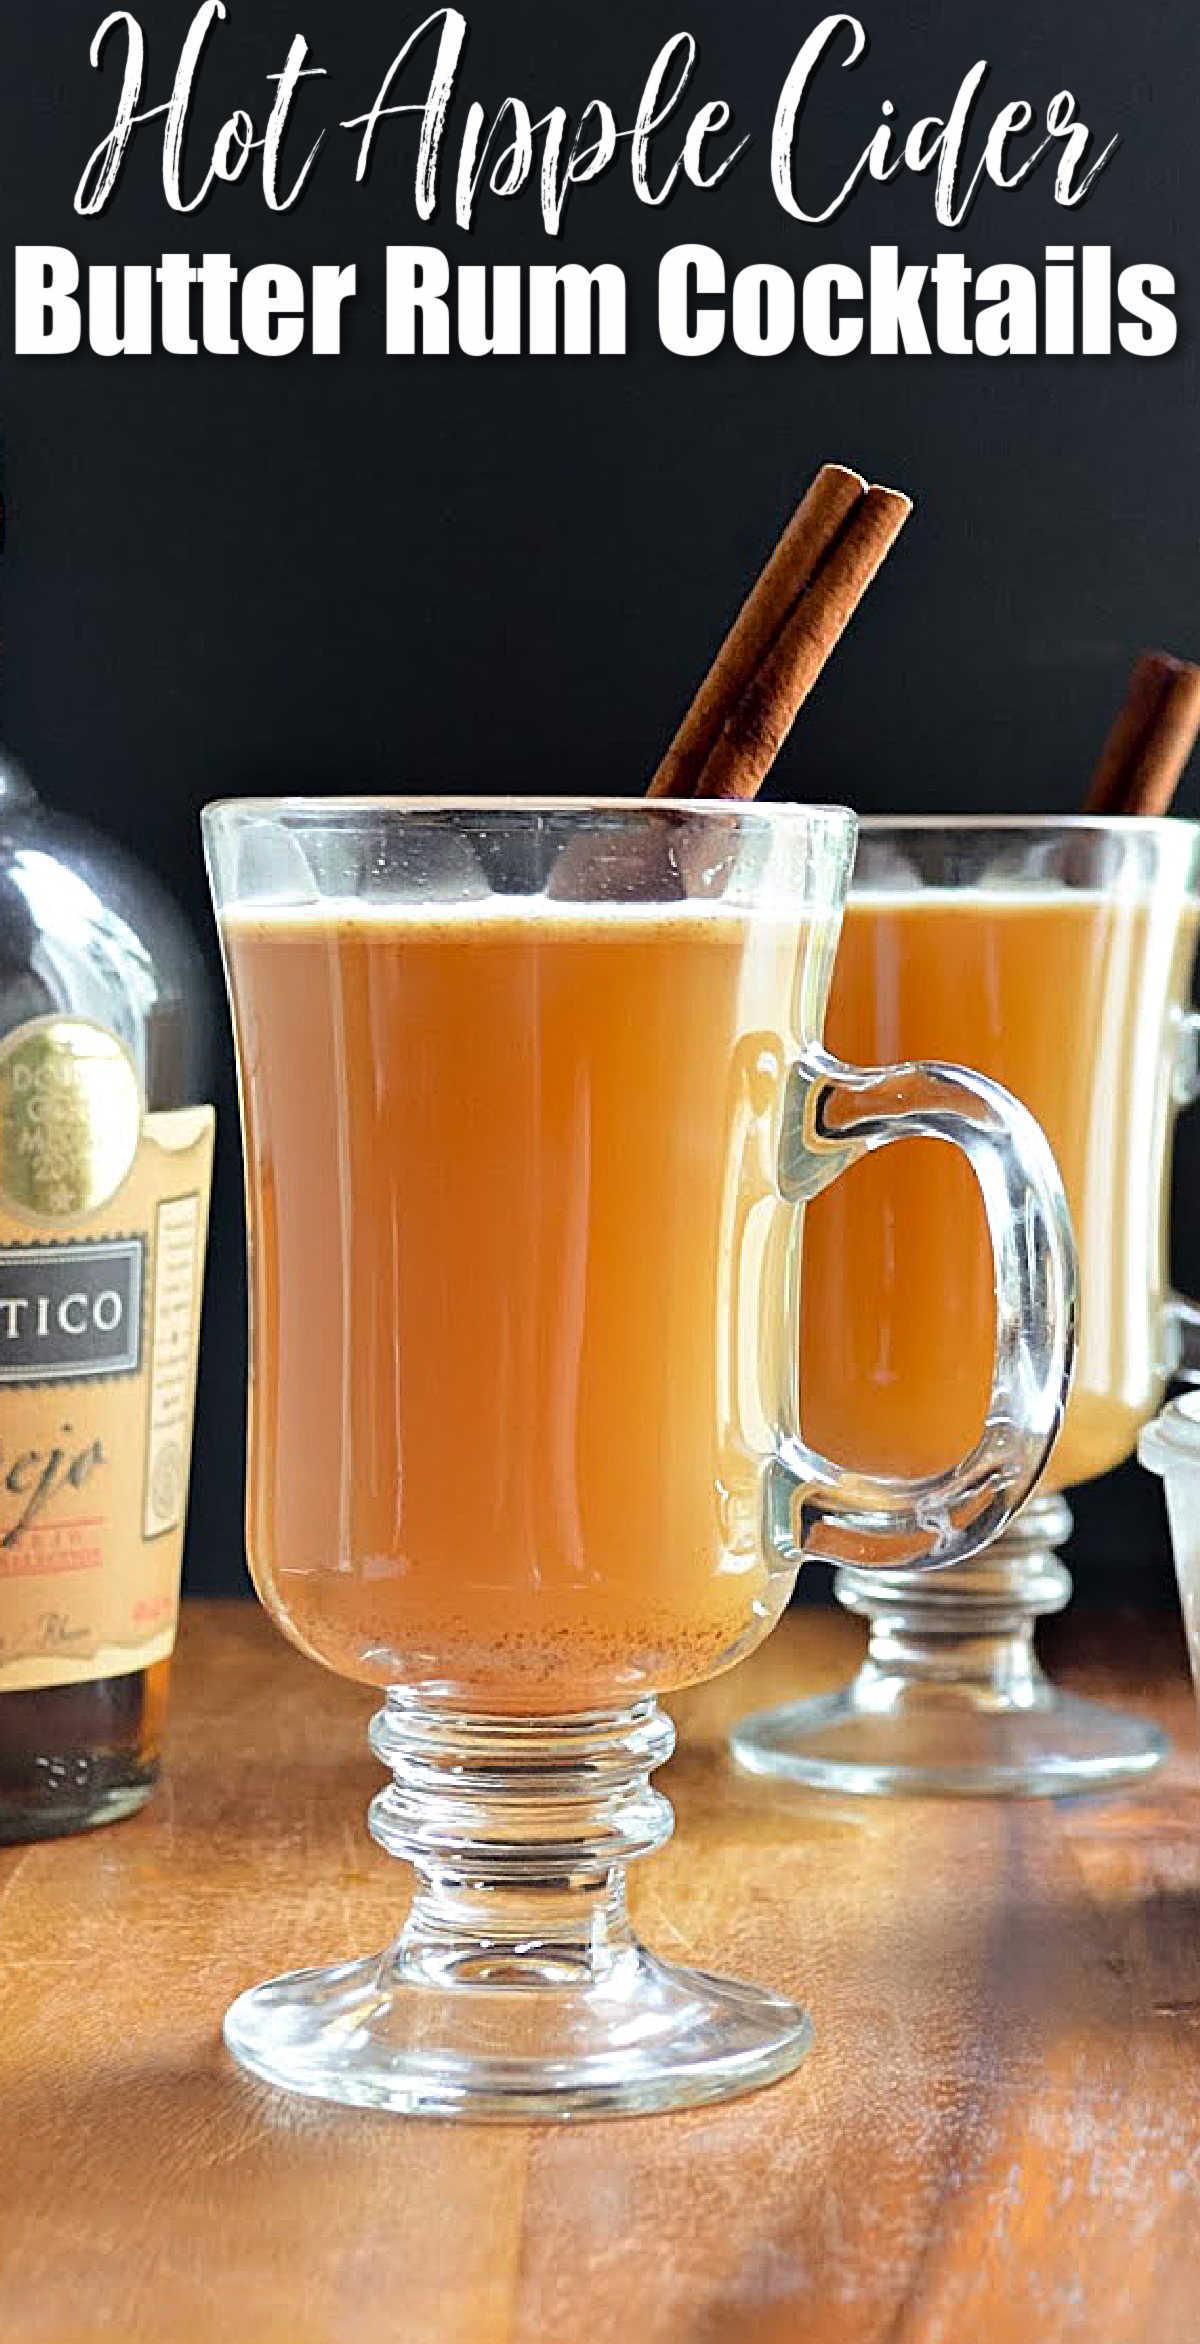 Hot Apple Cider Buttered Rum Cocktails